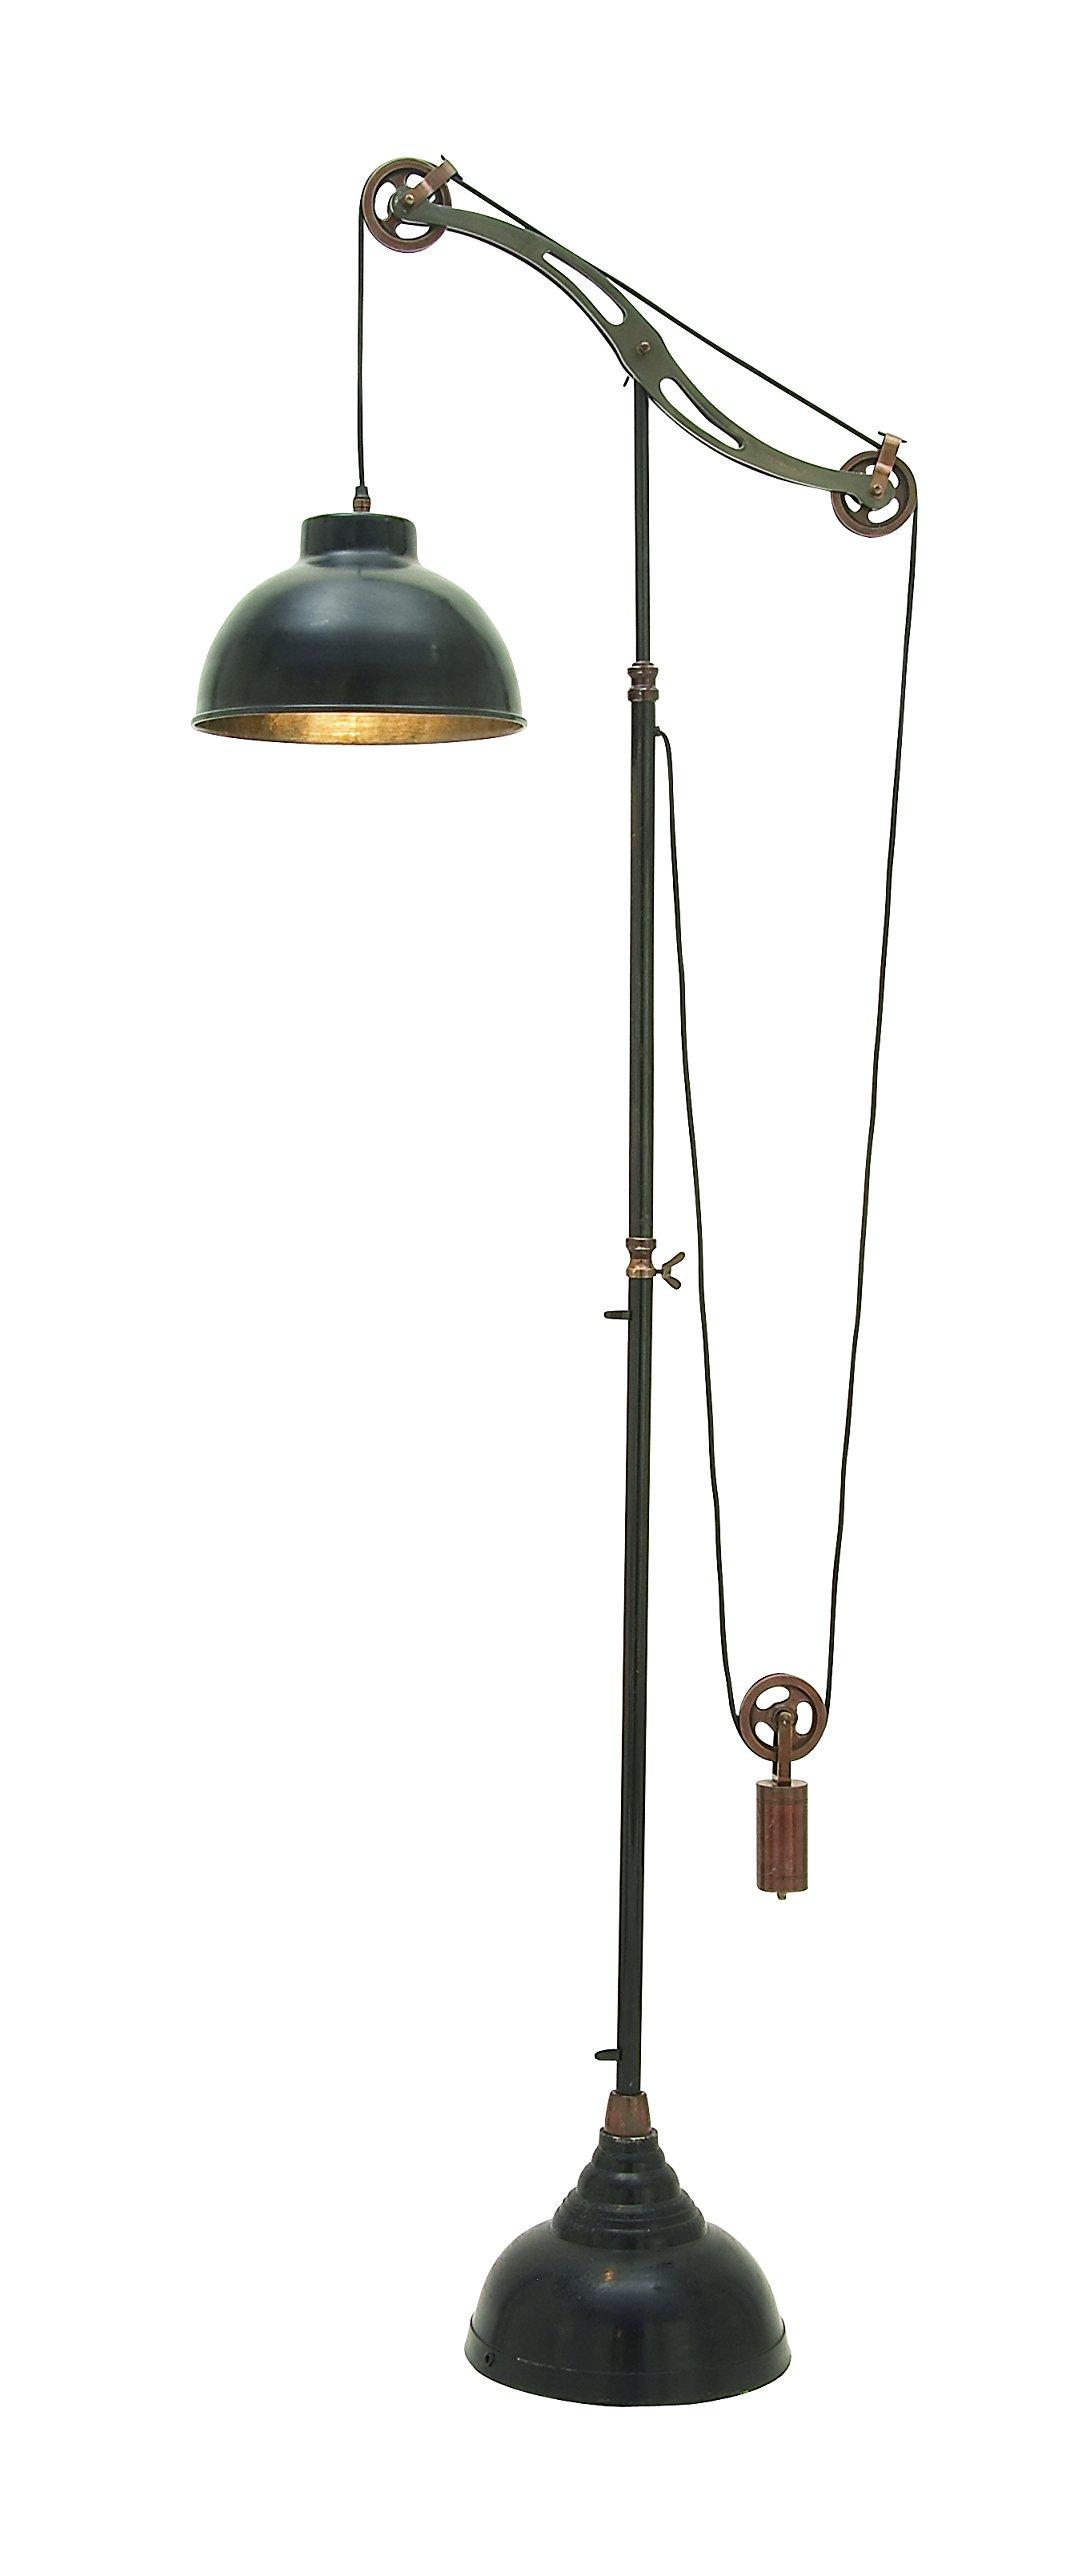 Deco 79 24515 Aluminum Pully lamp 77'' H -